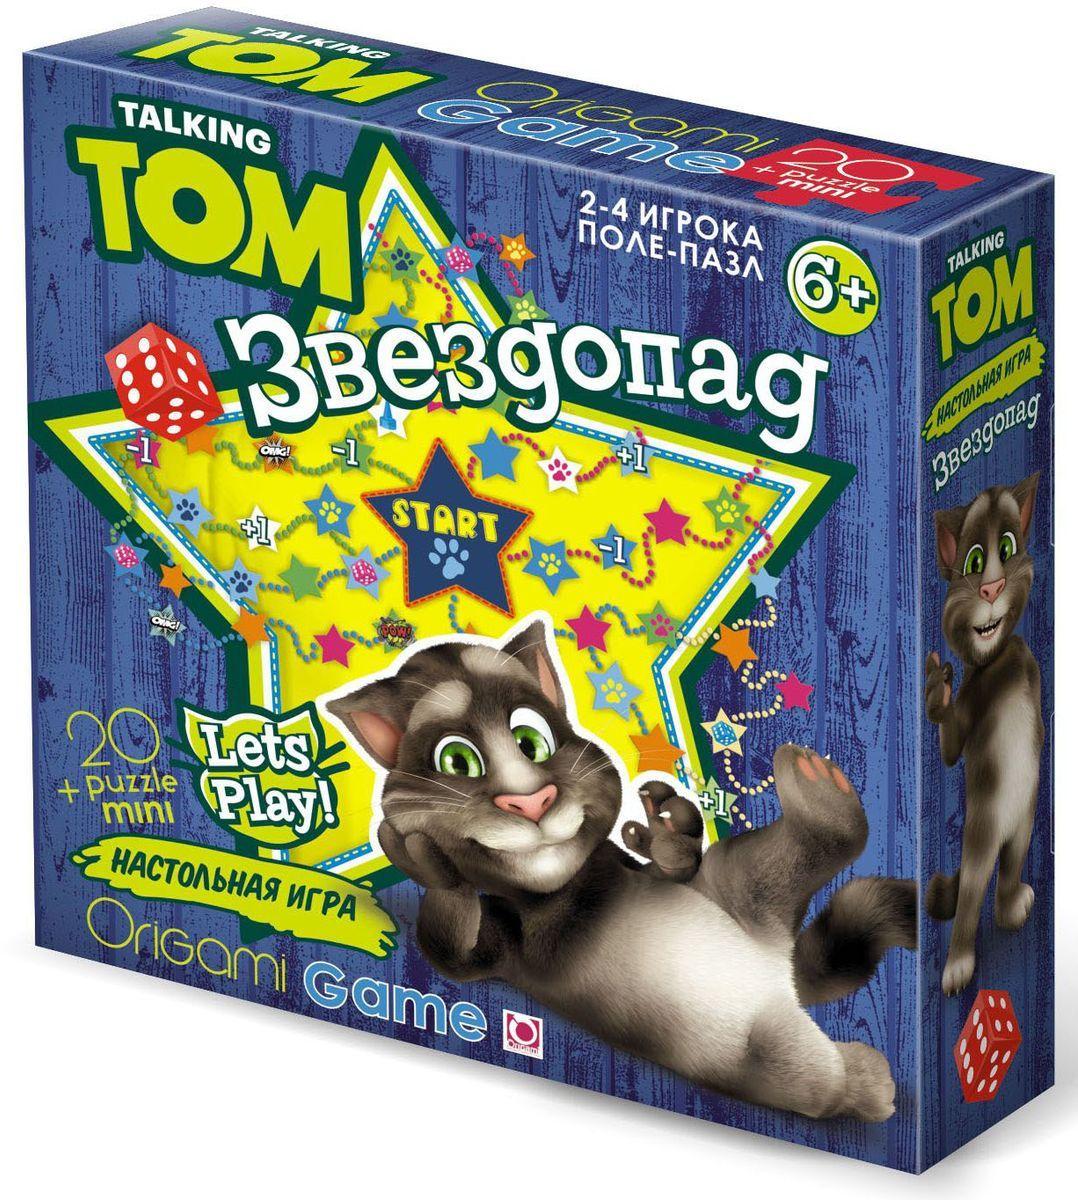 Оригами Настольная игра Звездопад00996Увлекательная настольная игра Звездопад научит ребёнка стратегически мыслить , продумывая оптимальный ход для получения очередной карточки-звёздочки. В игру могут играть одновременно 2-4 человека, игроки замечательно проведут время , собирая звёзды. Размер пазла 52х38 см , рекомендуемый возраст 6+